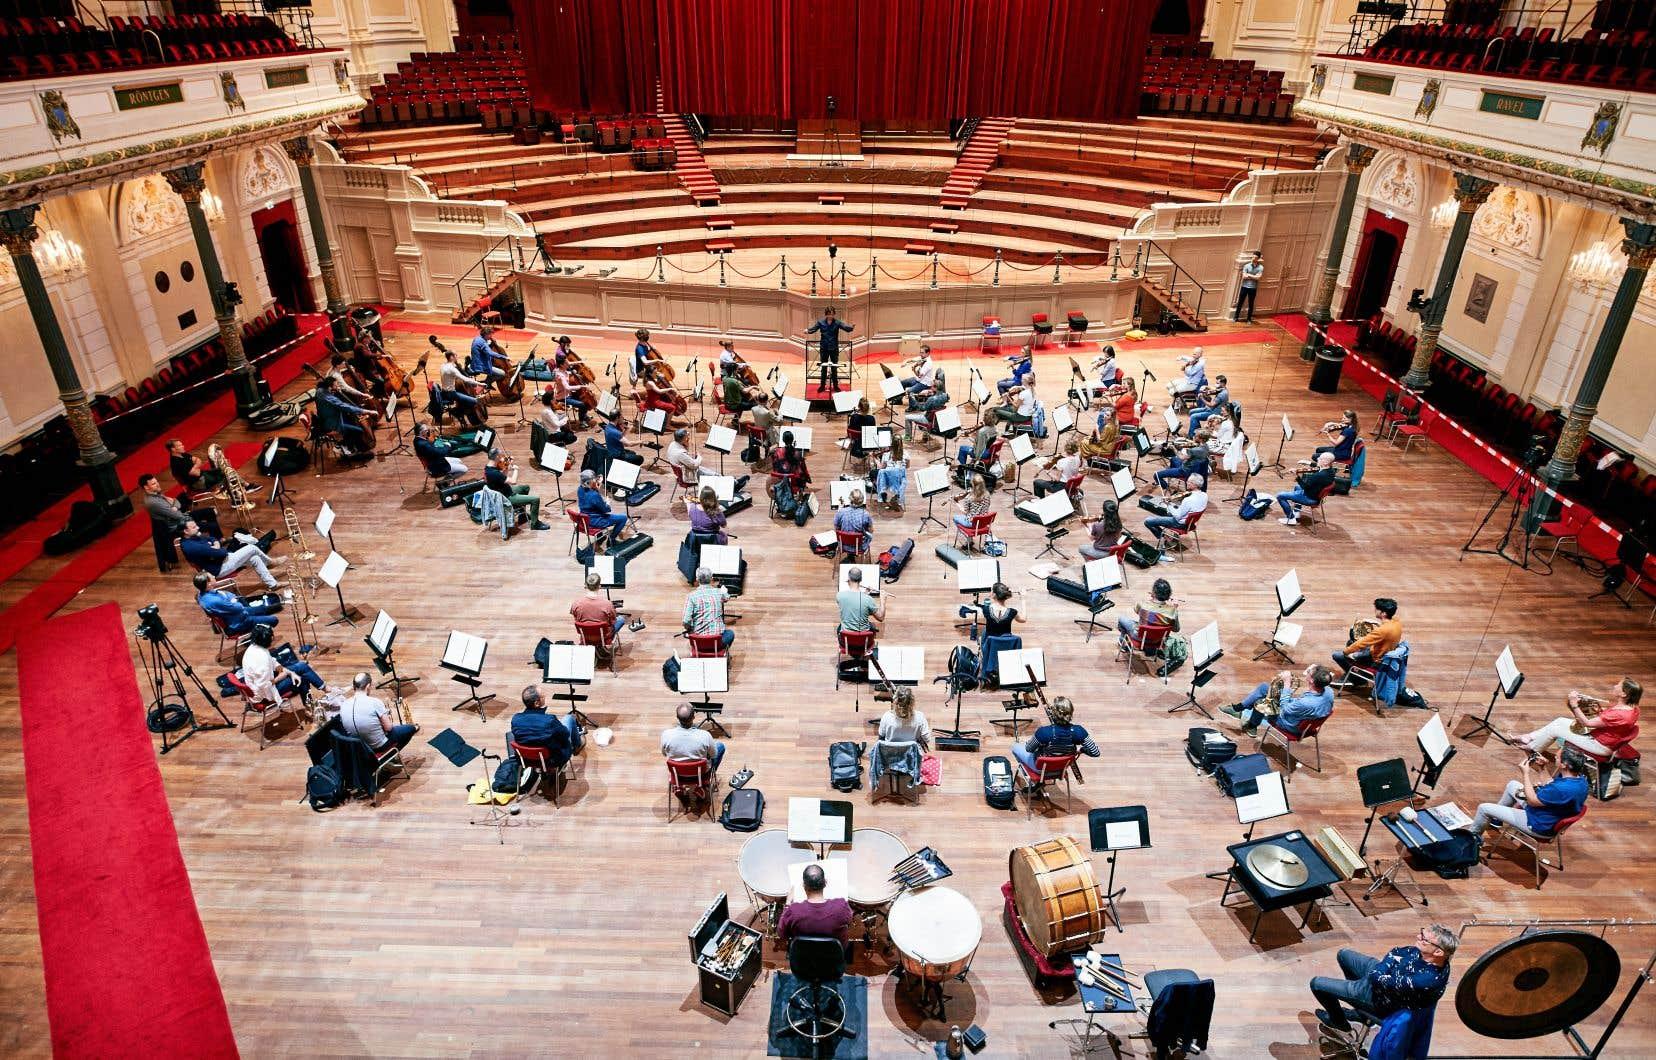 Au Concert-gebouw d'Amsterdam, les chaises de la salle ont été démontées pour laisser place aux musiciens, assez éloignés les uns des autres pour jouer un répertoire symphonique «normal».